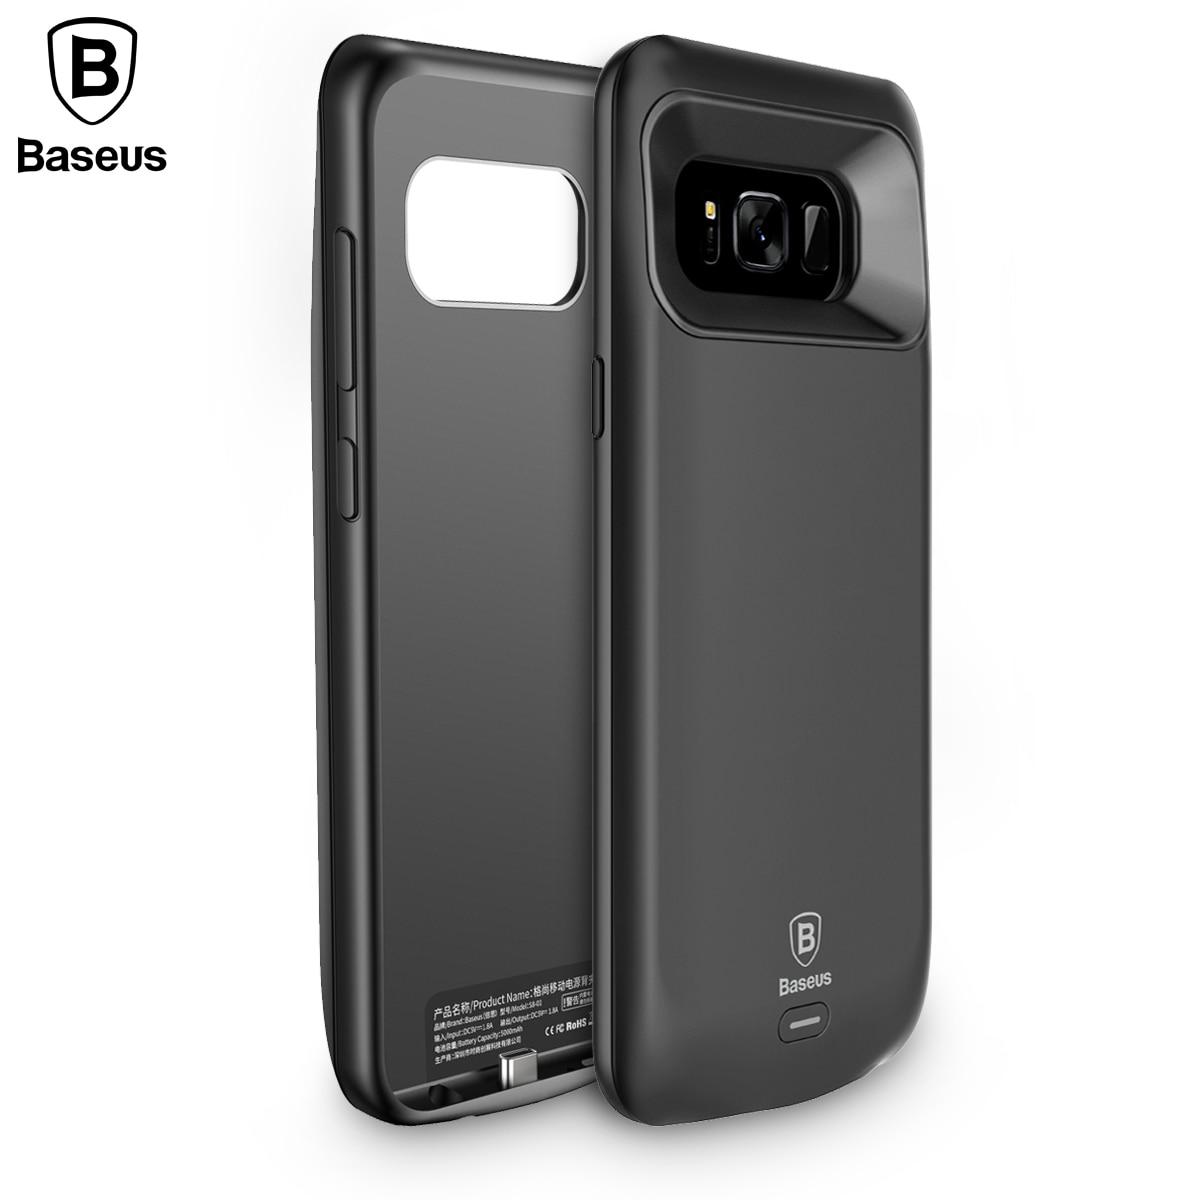 Цена за Baseus Дело Зарядное устройство Для Samsung S8 S8 + 5500 мАч Резервное Копирование Внешняя Батарея Банк Питания Для Galaxy S8 Портативный Дело Powerbank